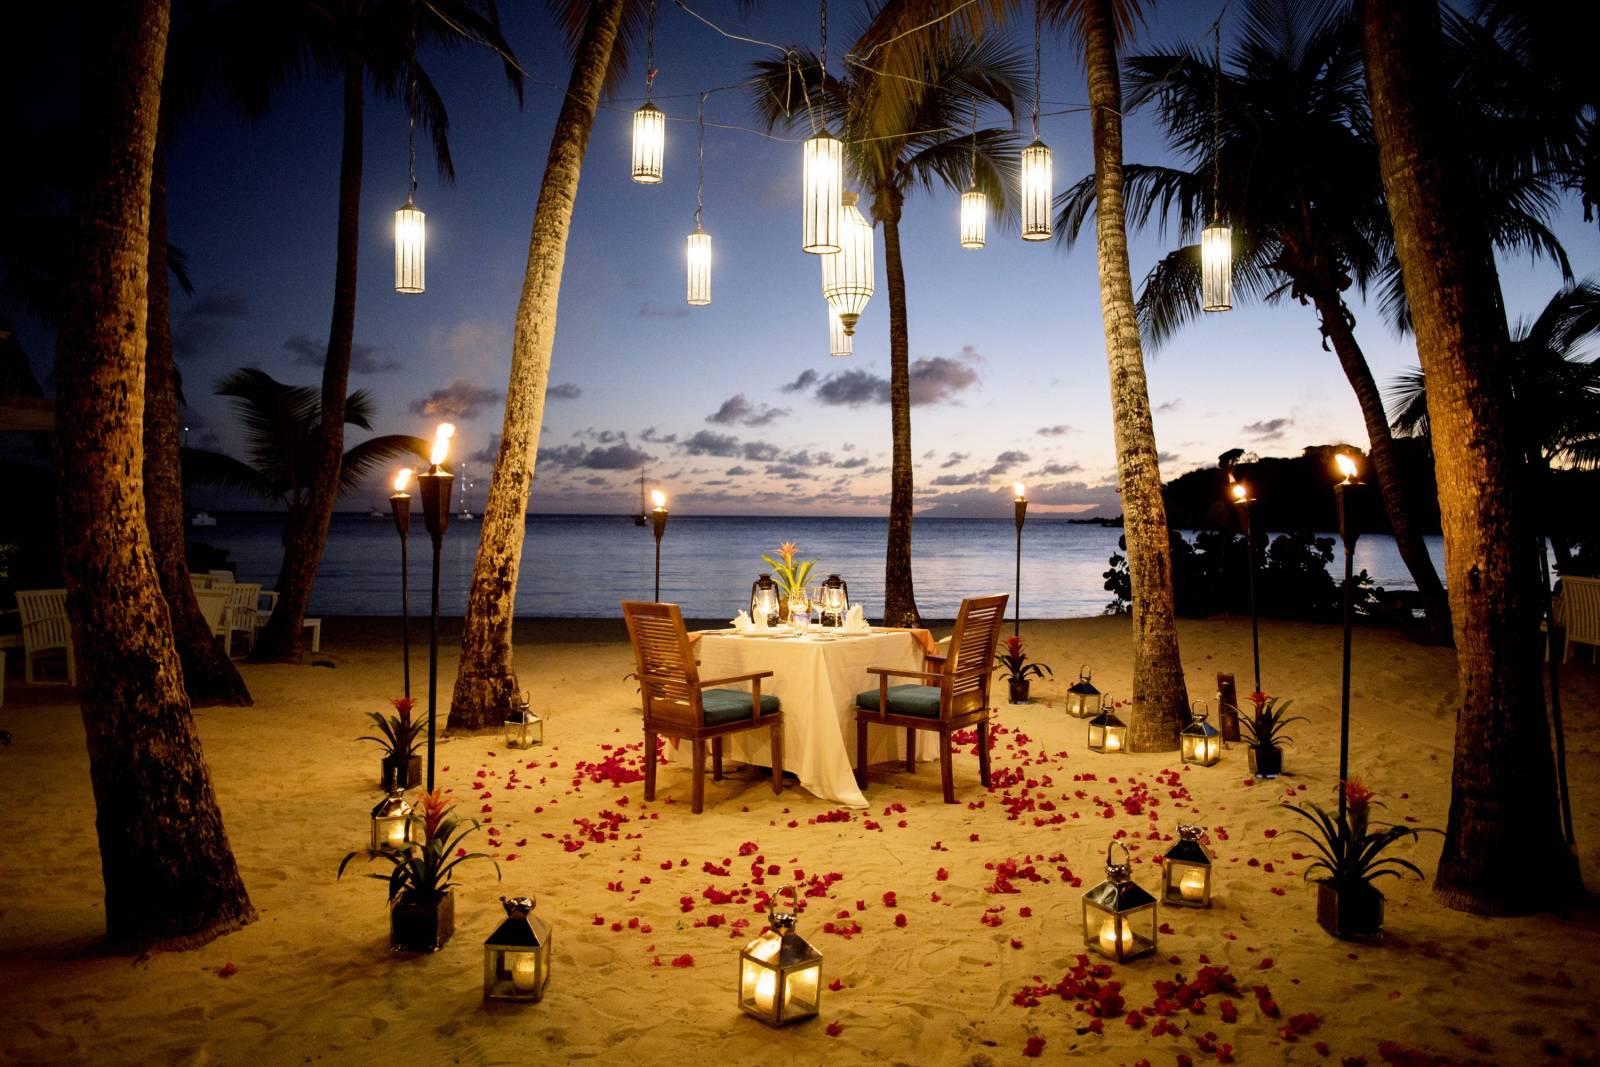 World of Travel - Huwelijksreis - Honeymoon - House of Weddings - 35